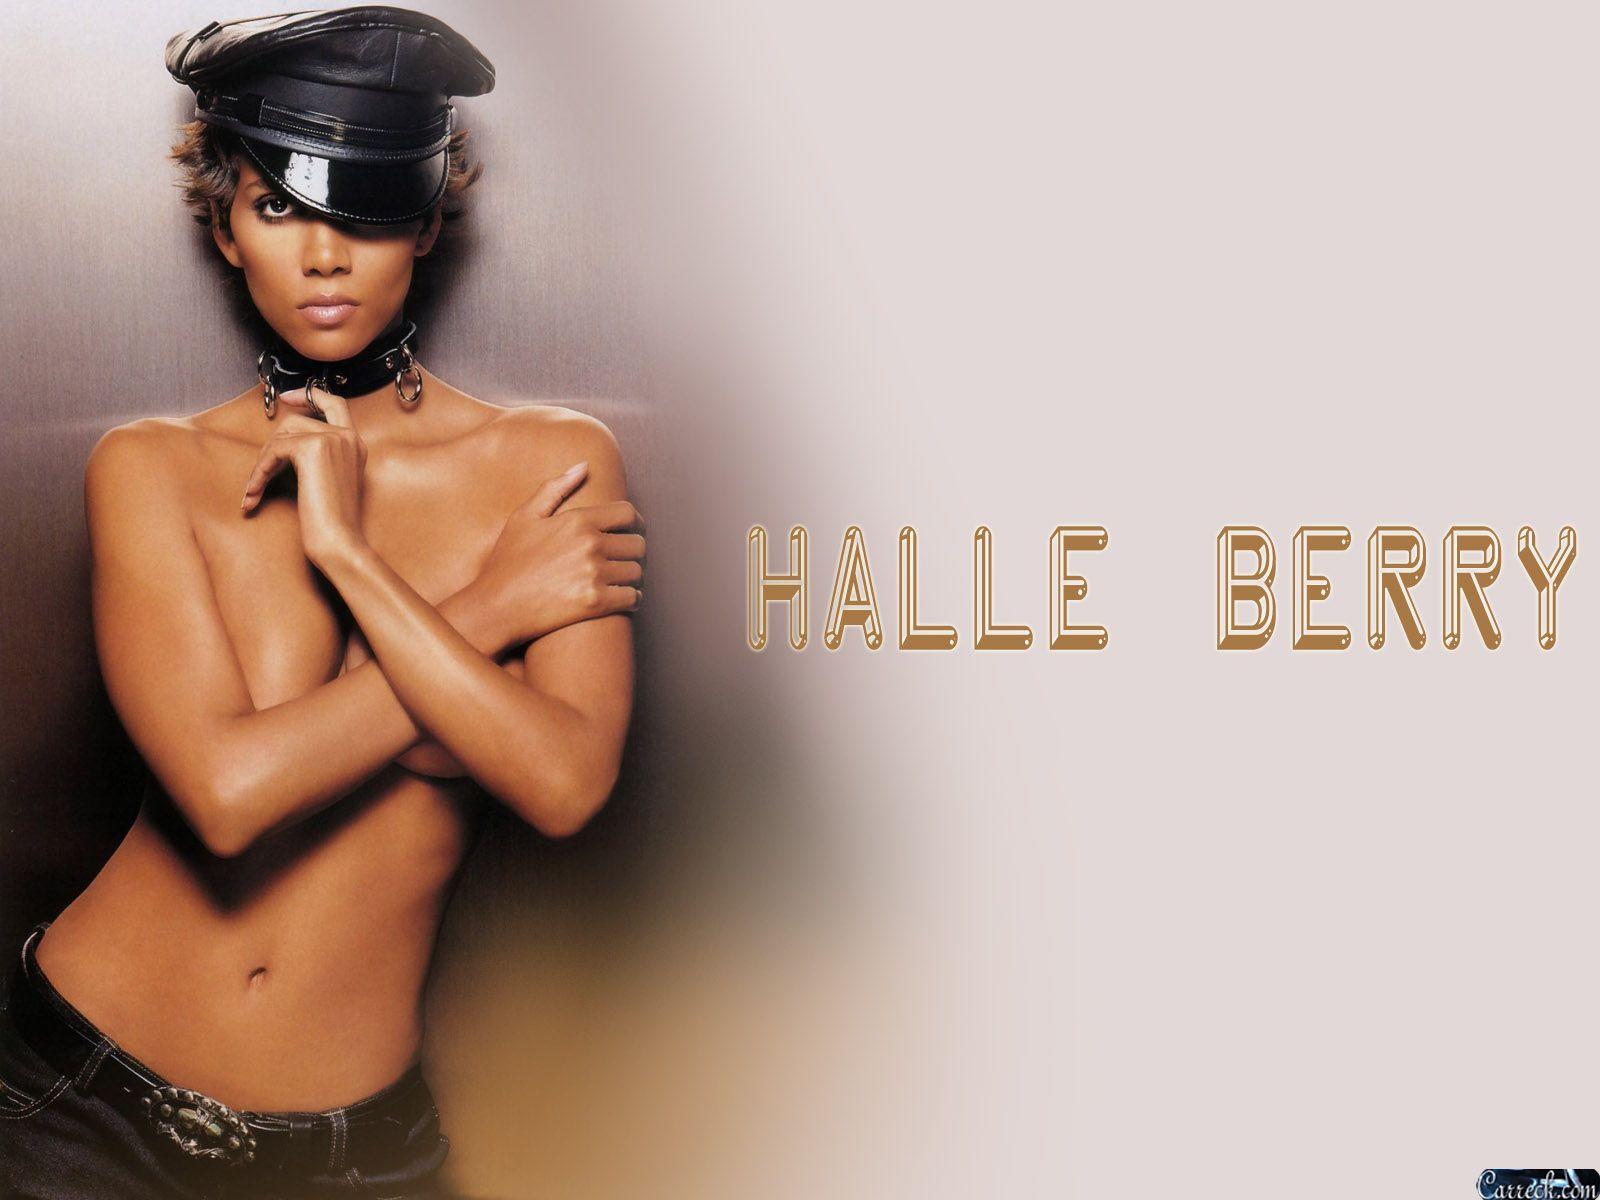 Halle Berry Wallpaper Halle Berry Halle Berry Halle Photo